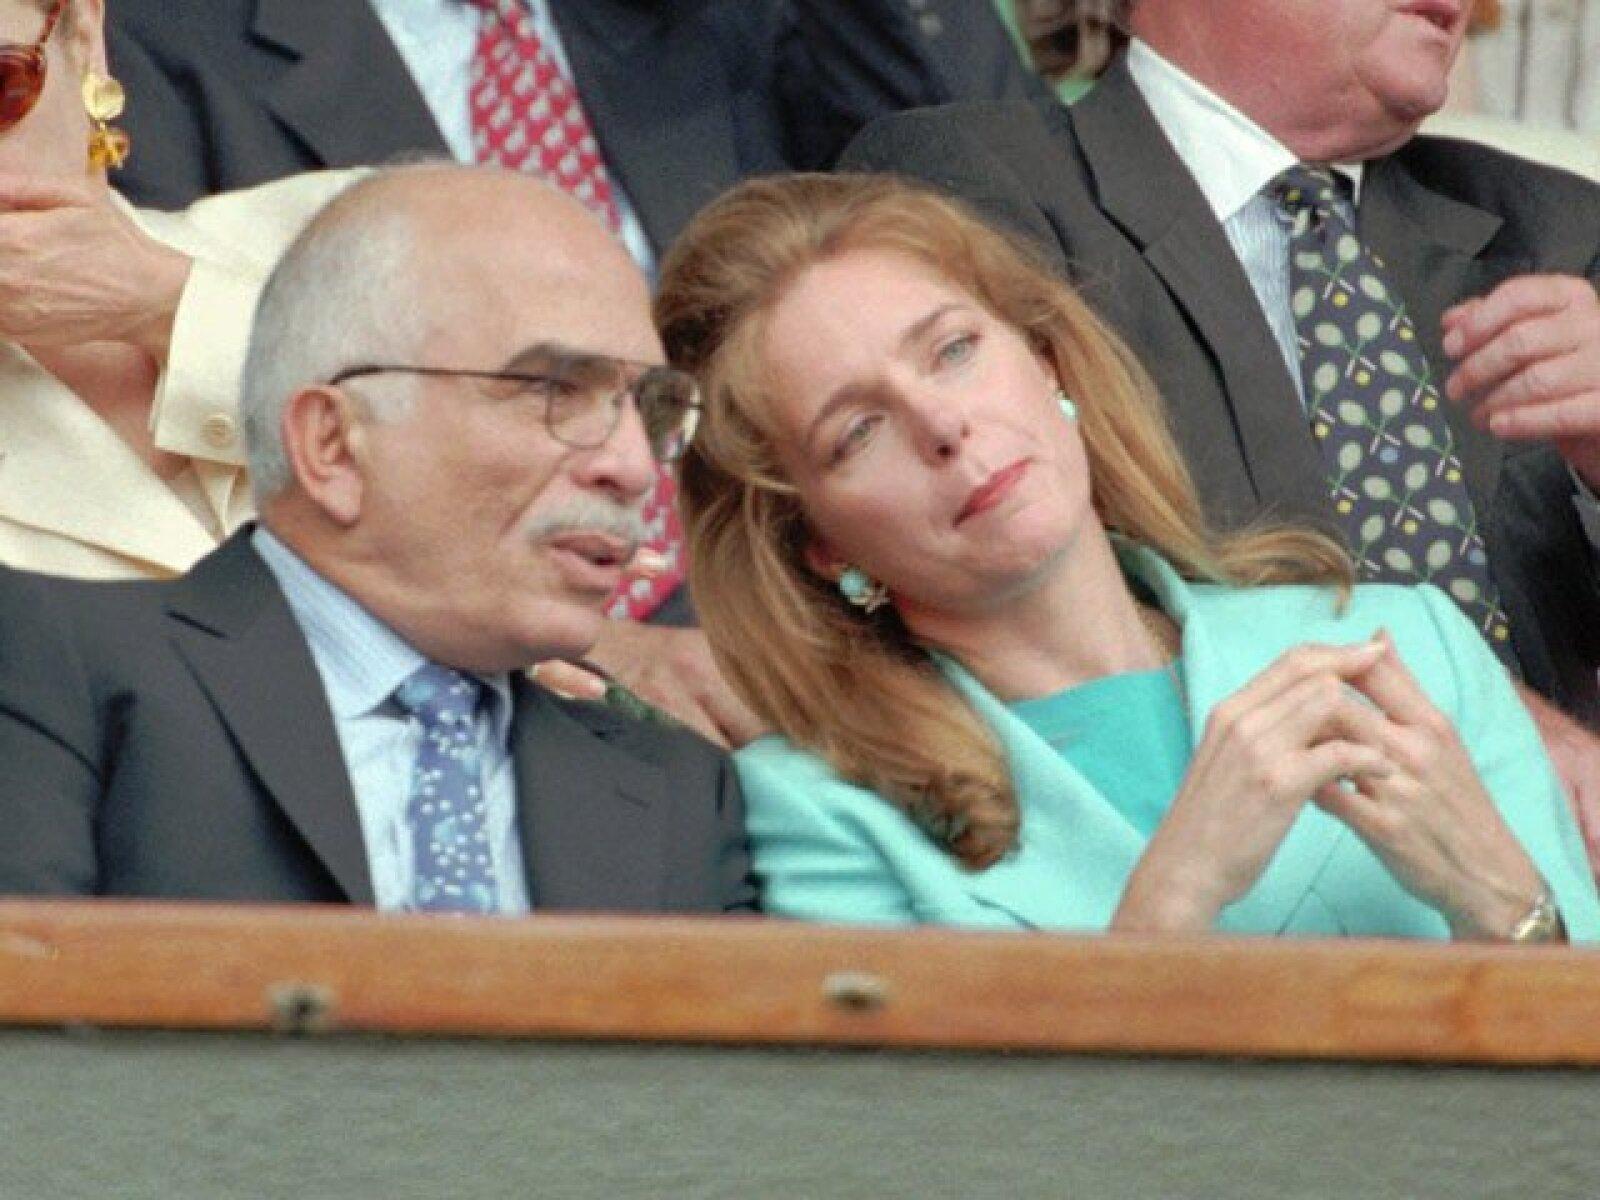 El rey Hussein y la reina Noor de Jordania asistieron a la semifinal masculina de Wimbledon, la cual se disputaron Goran Ivanisevic y Pete Sampras el 7 de julio de 1995.